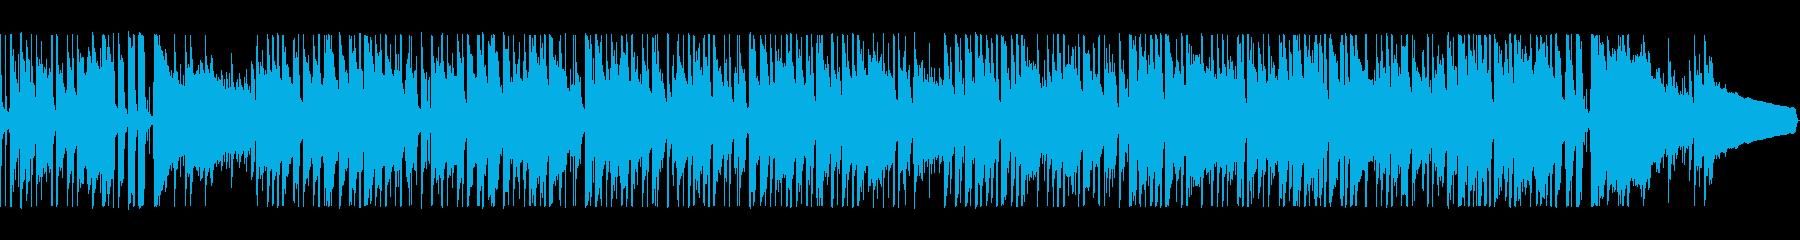 軽快なリズムの爽やかなポップスの再生済みの波形